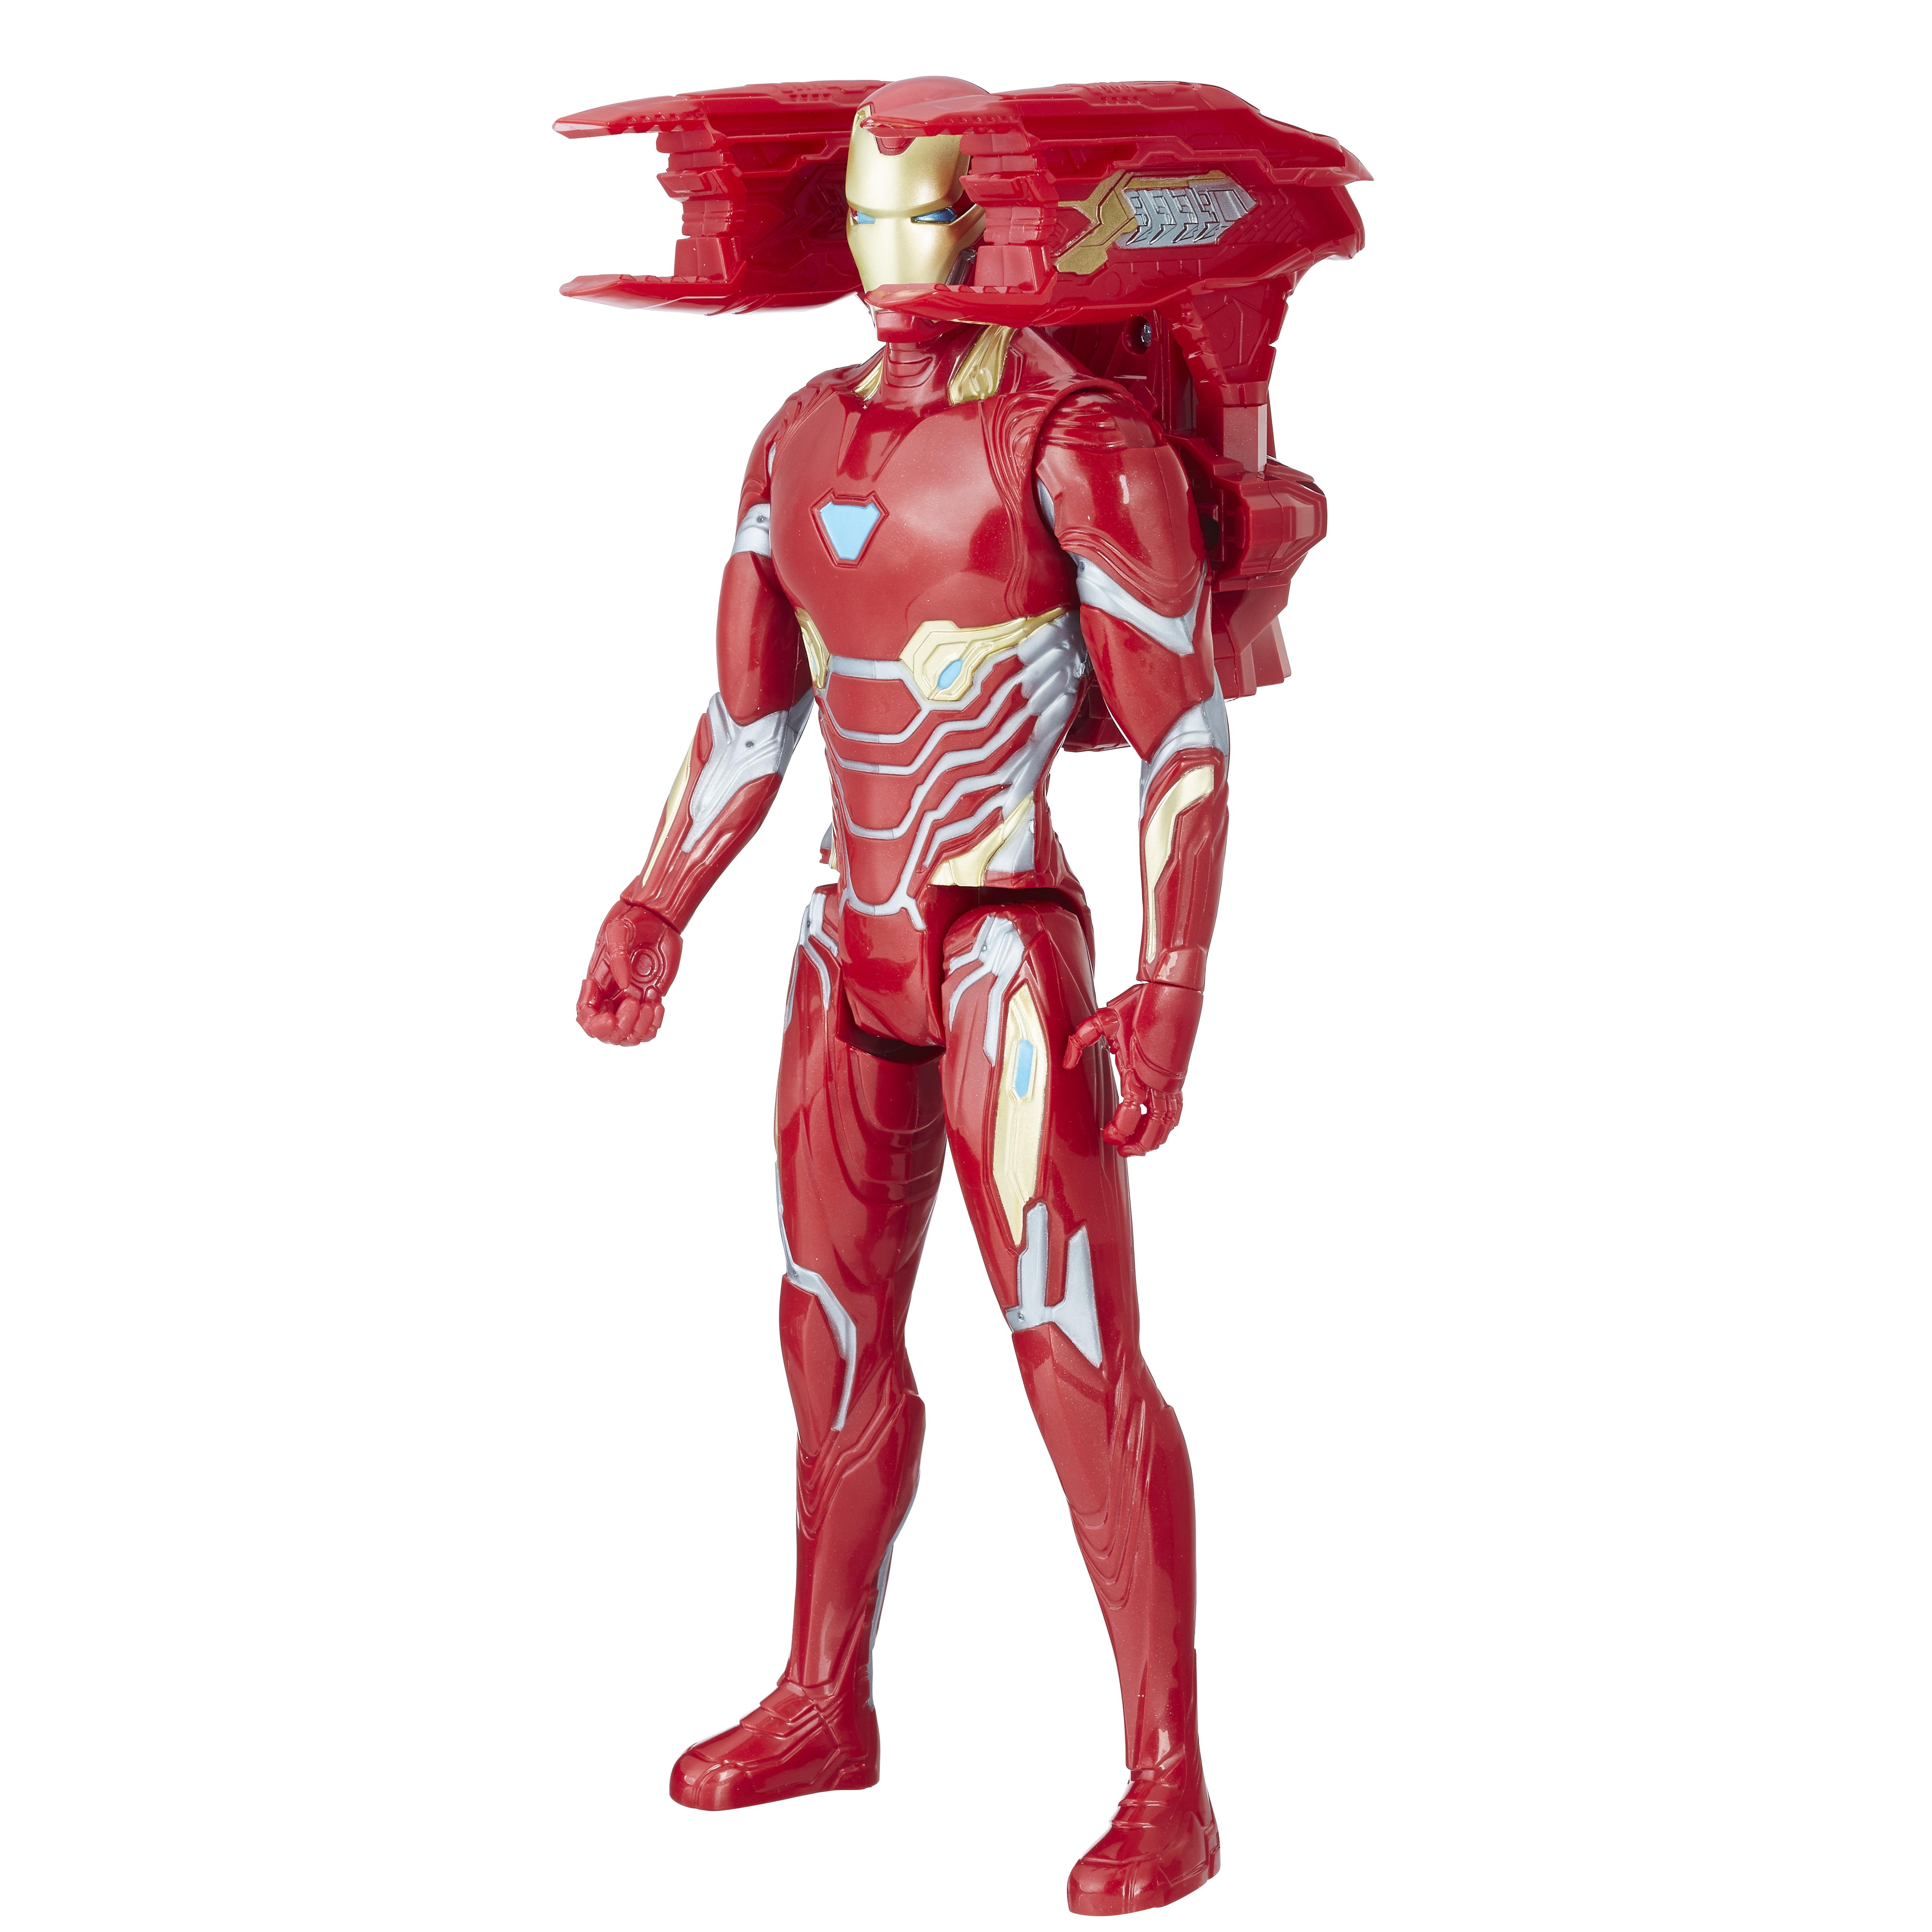 Фигурка Avengers Железный Человек: Power E0606121 avengers фигурка таноса титан